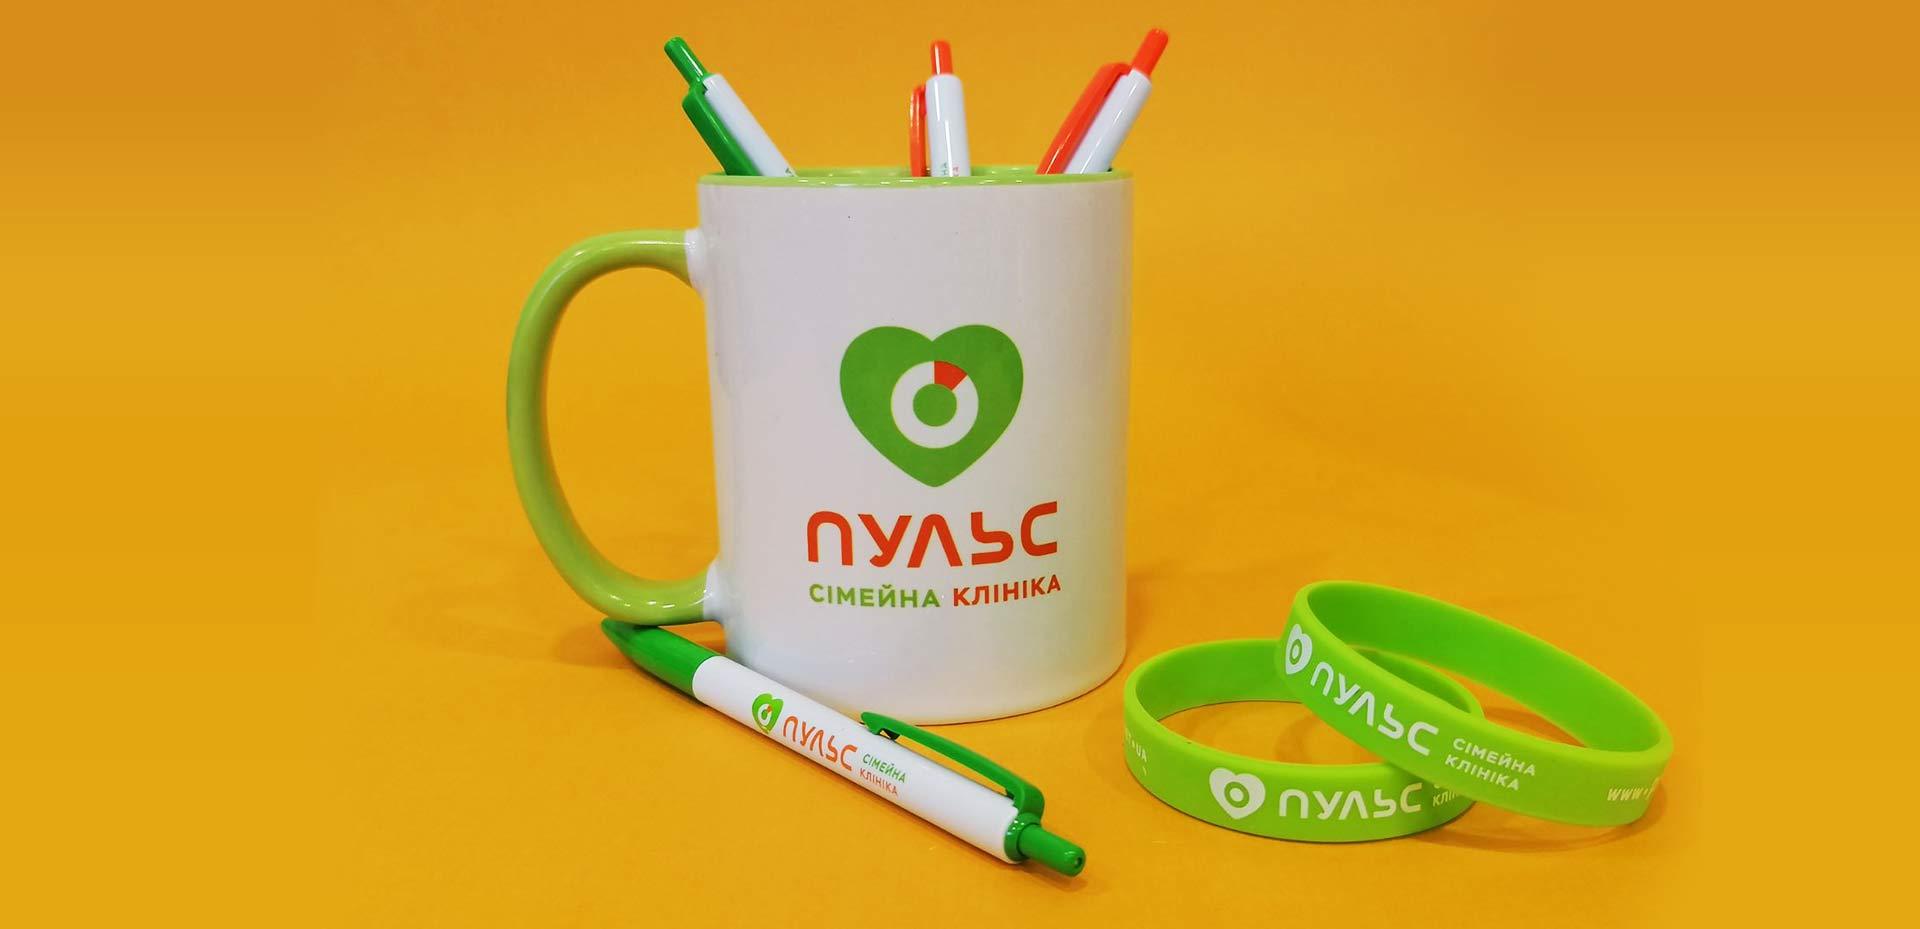 Чашка, ручка, подарочные сувениры медицинского центра